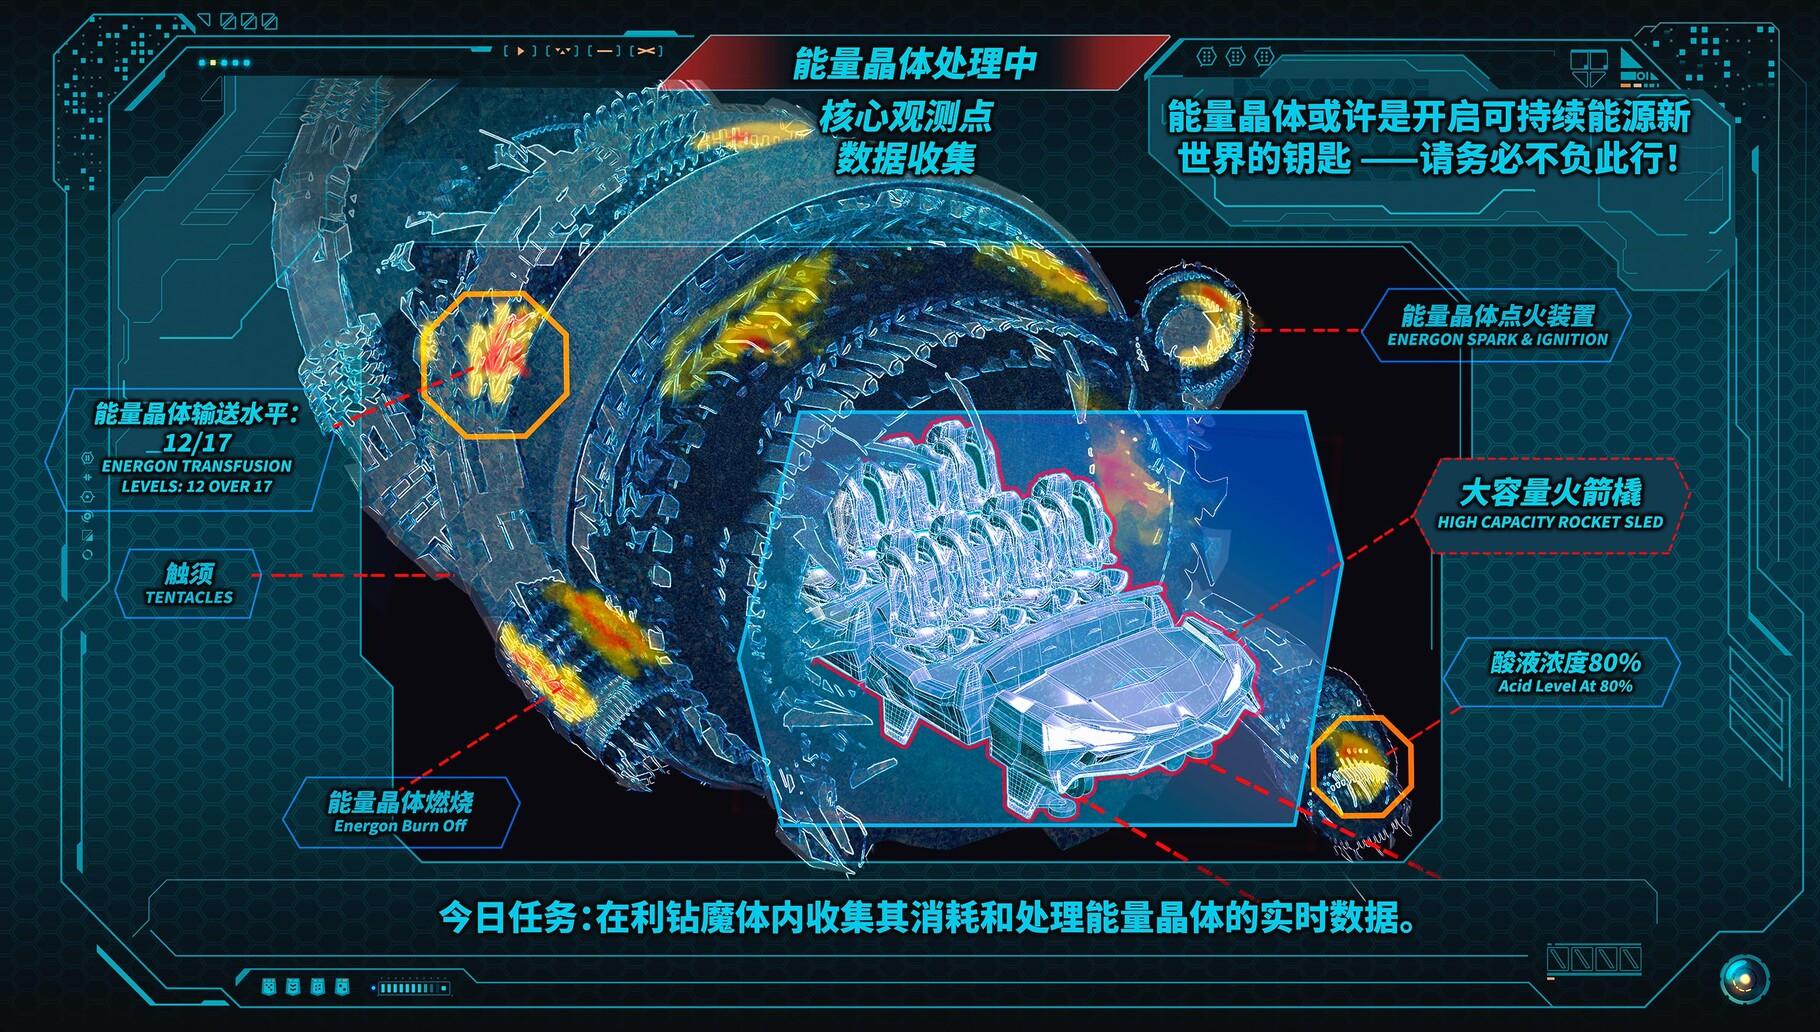 universal-studios-beijing-59209200.jpeg